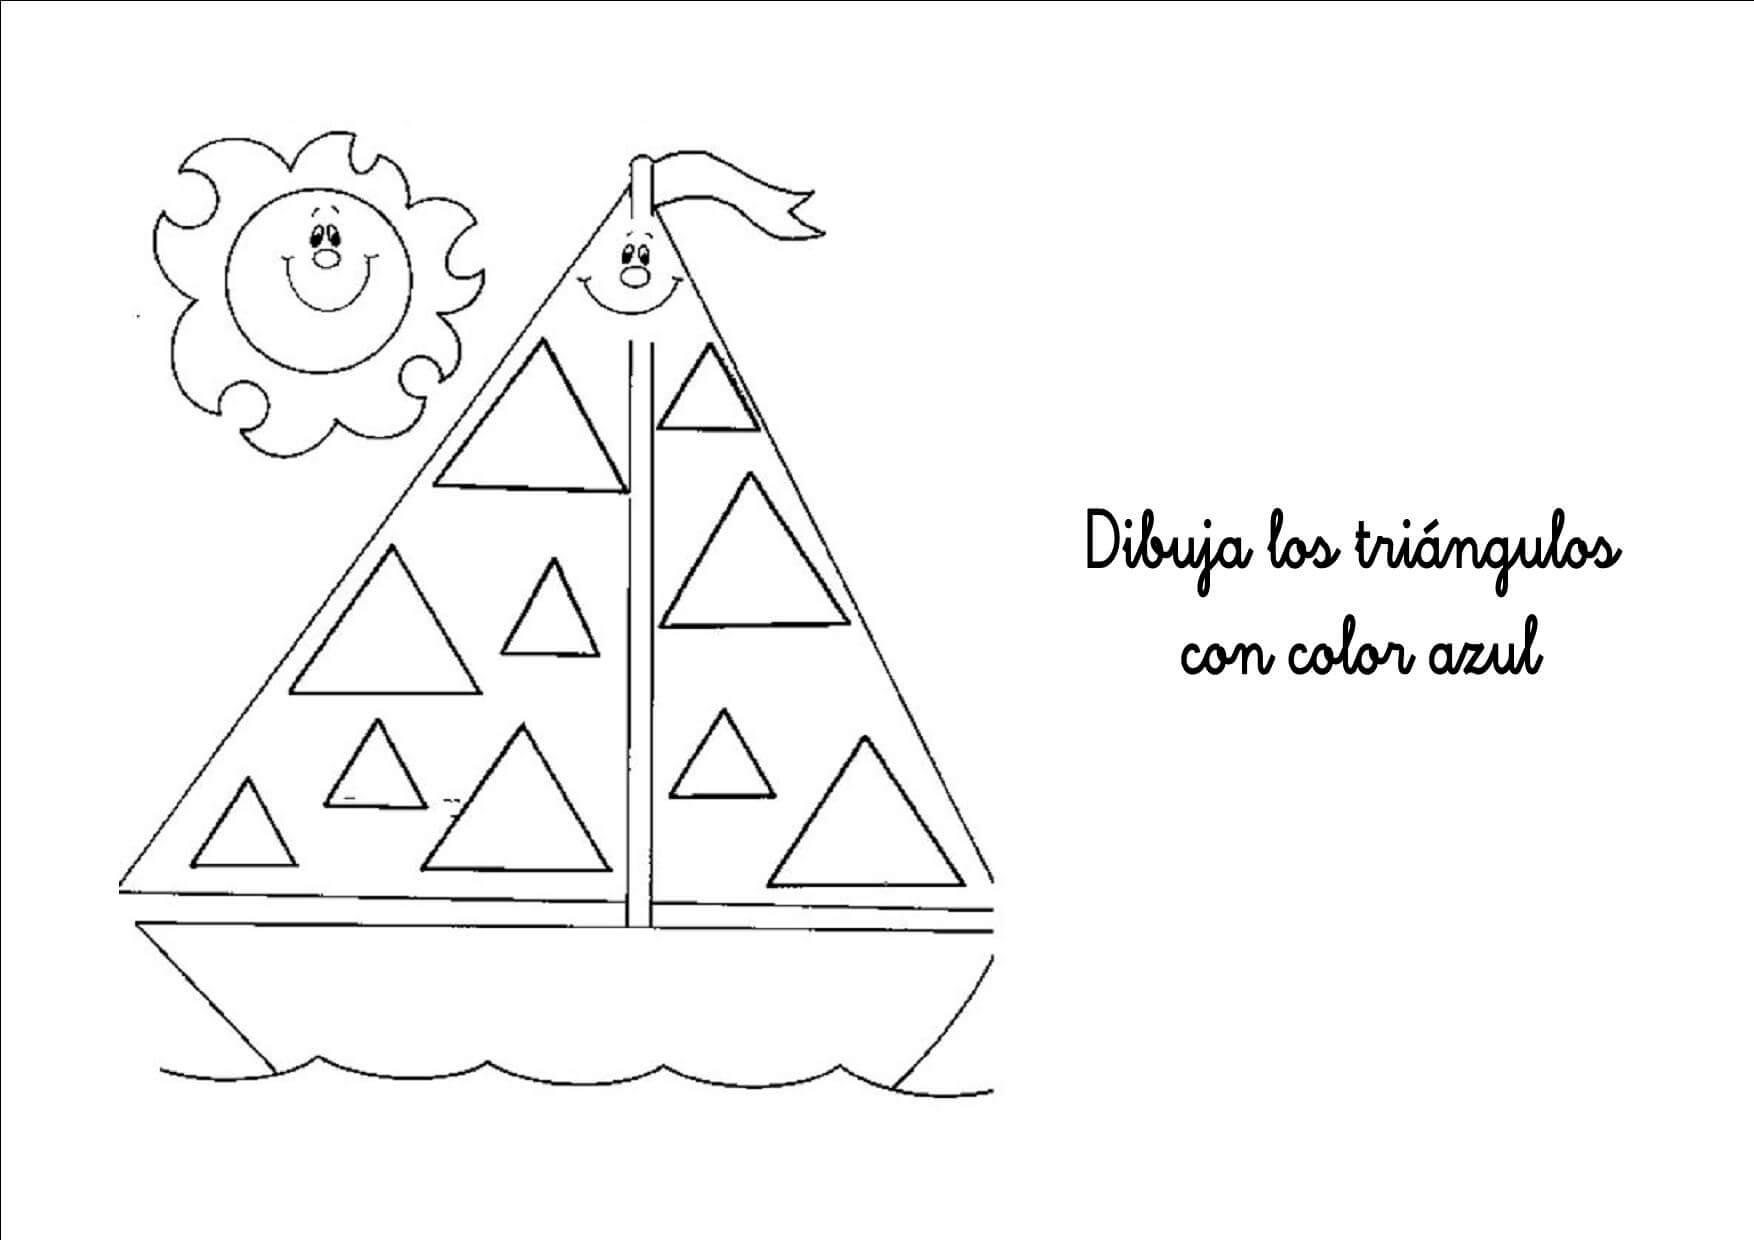 Historias de las figuras geométricas: El triángulo